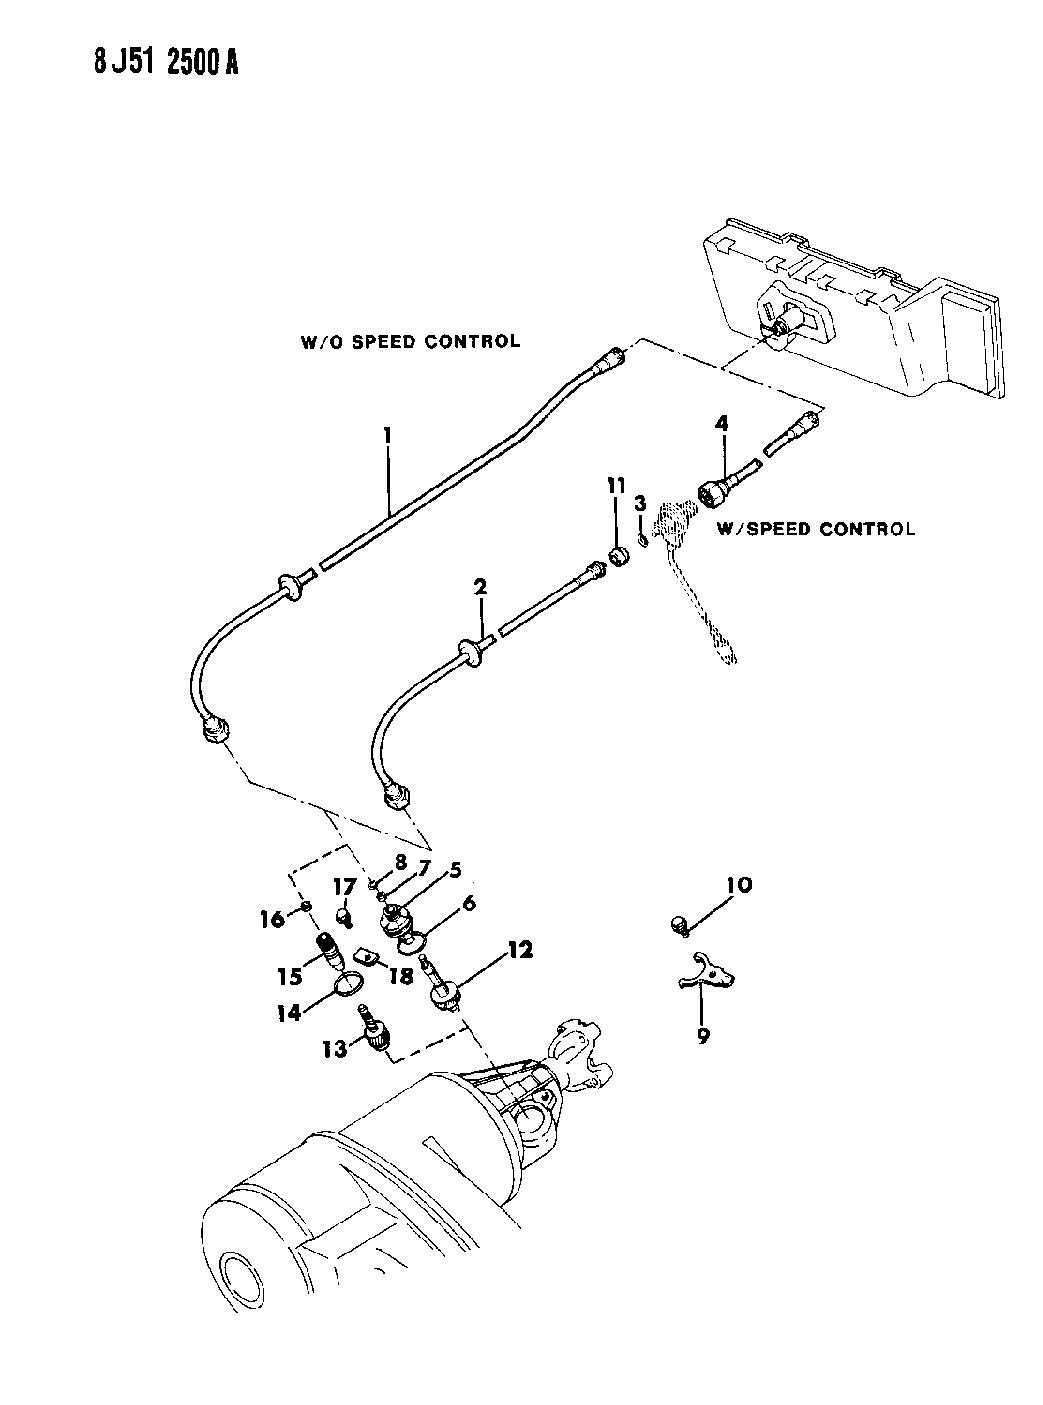 1989 Jeep Comanche Cable, Speedometer & Pinion of